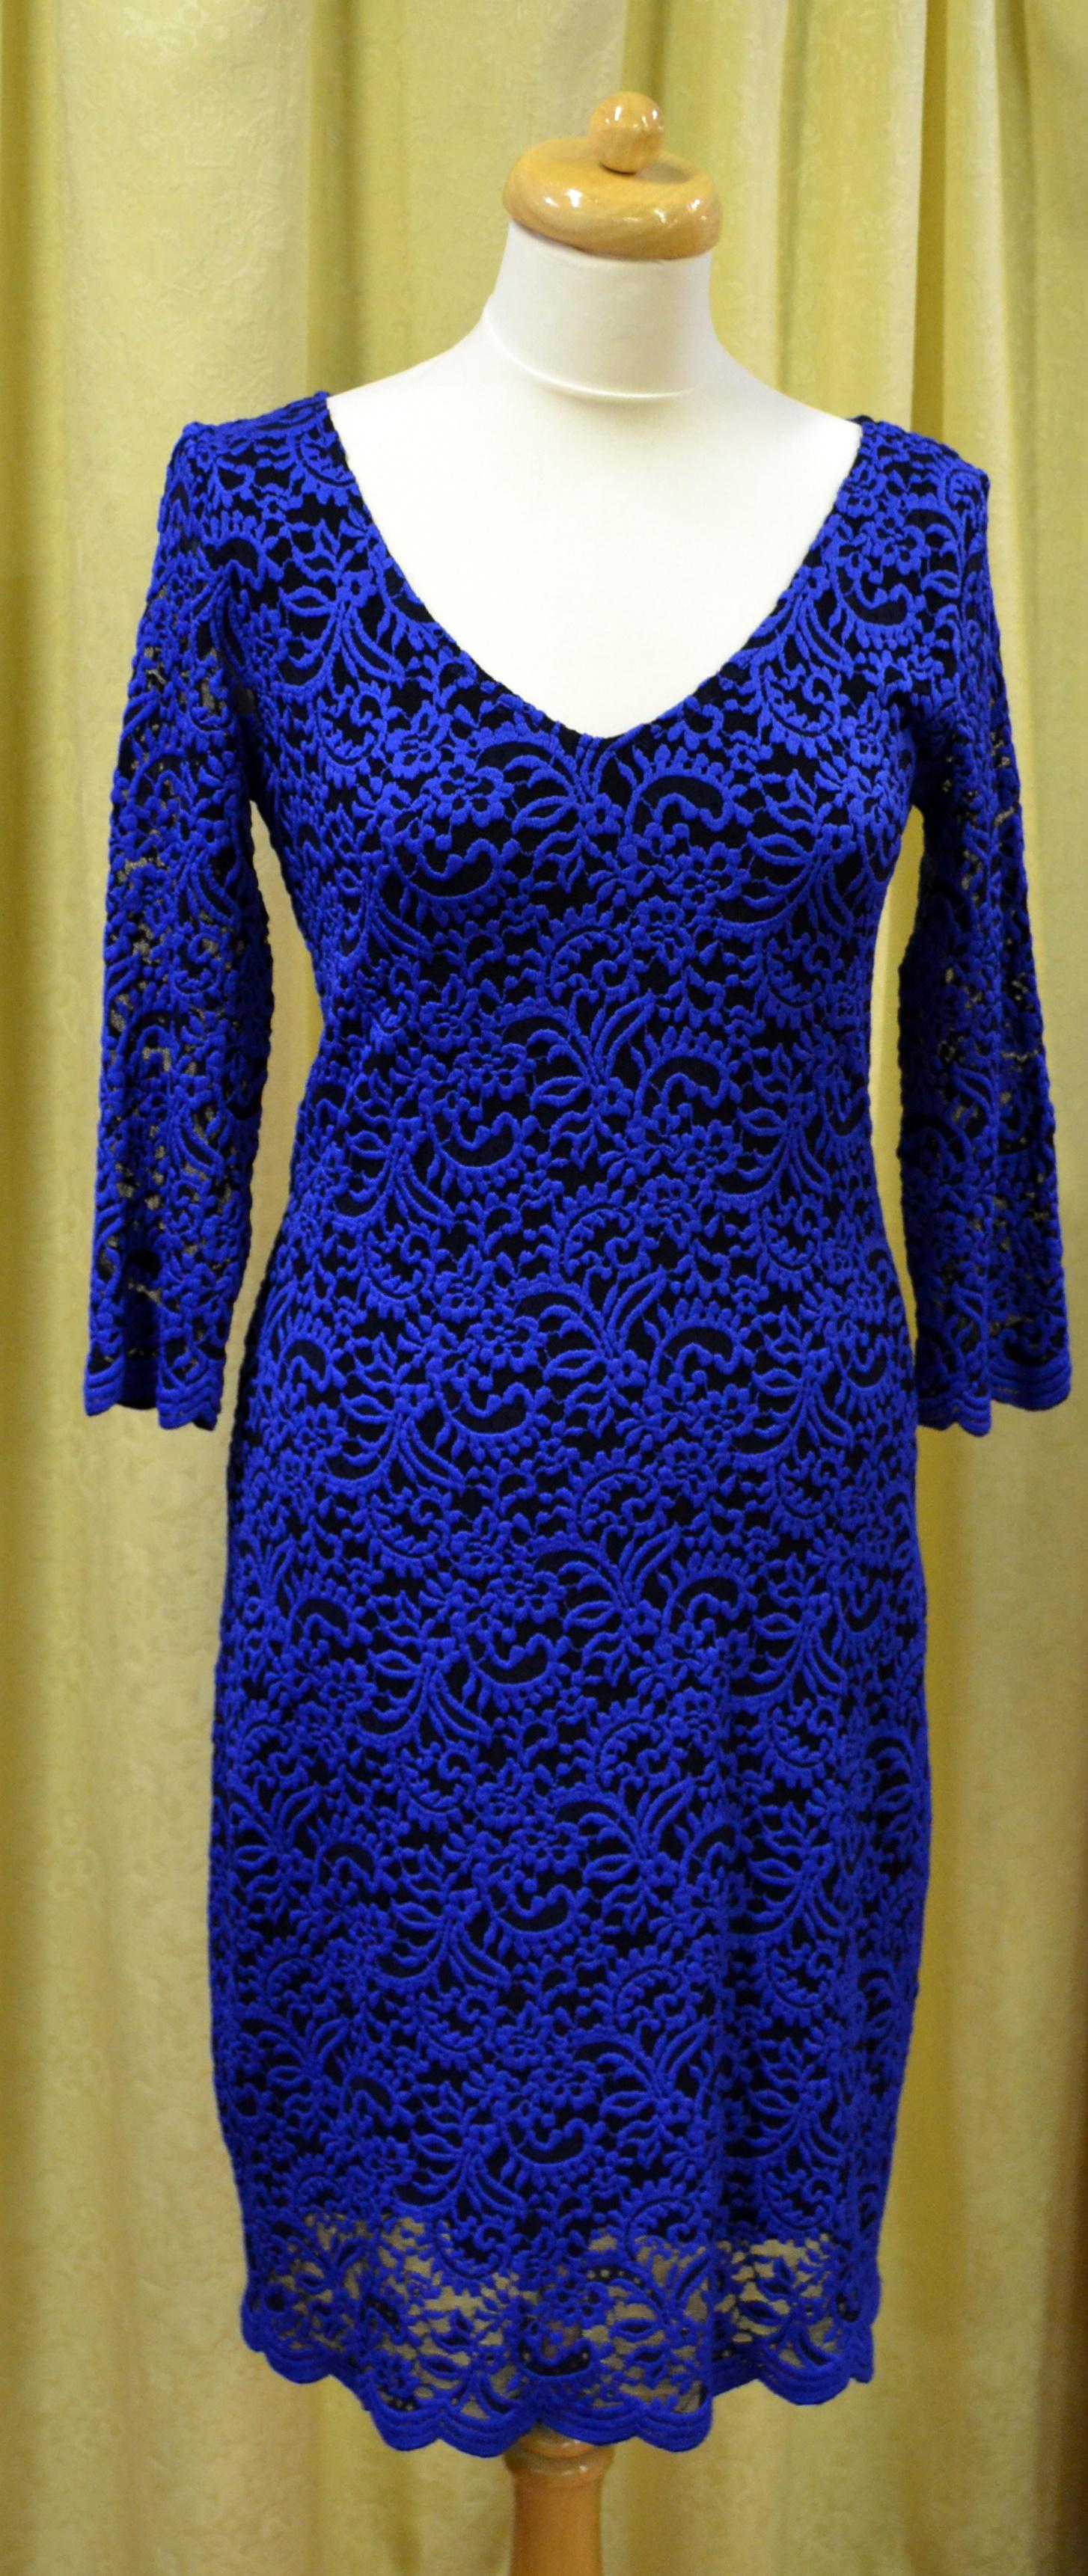 Večerní (plesové) šaty - Společenská konfekce Vsetín 7e2e4f5d0f